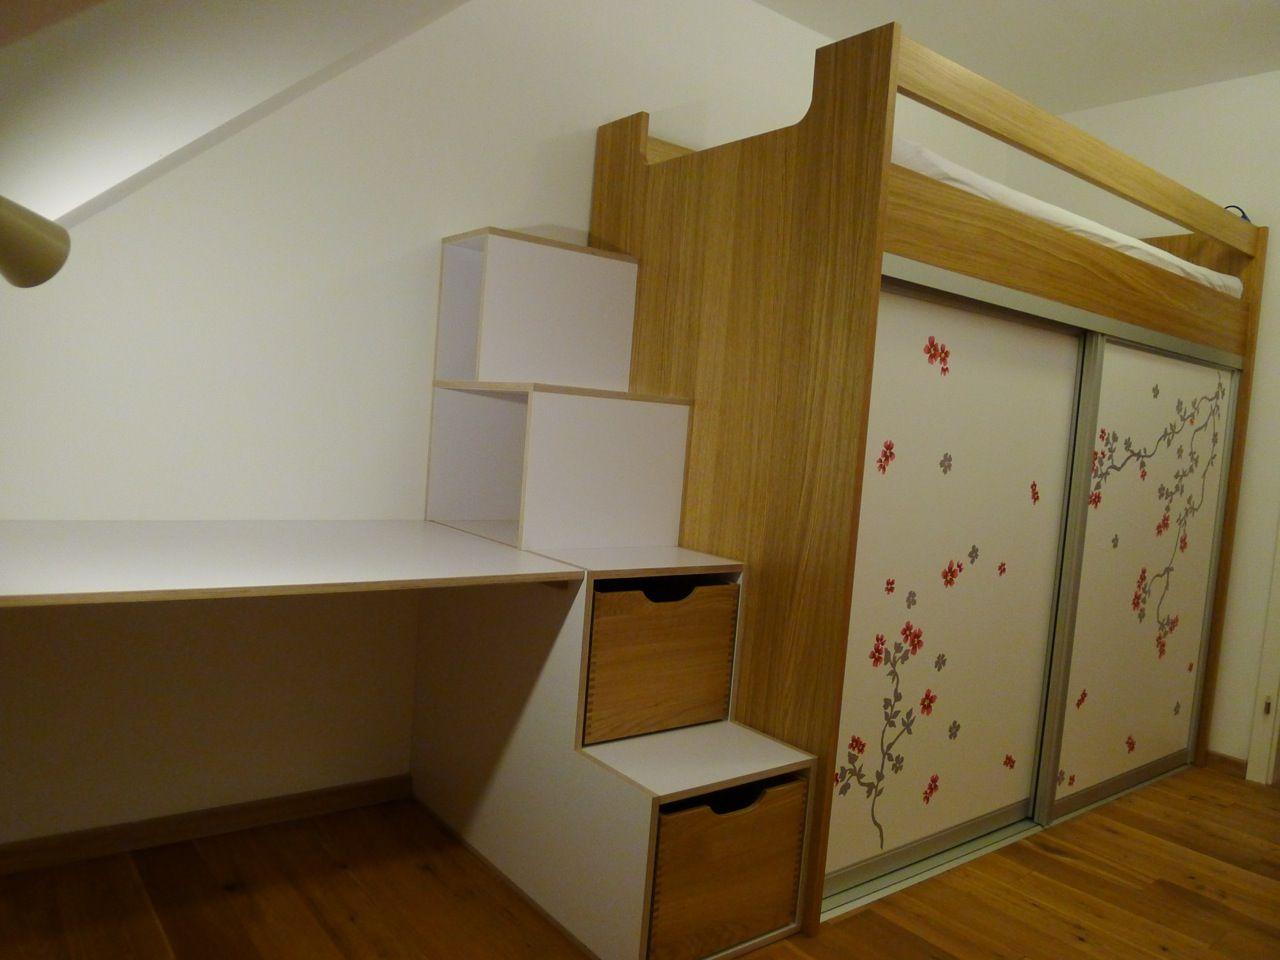 Kinderzimmer mit Hochbett, Schrank + Schreibtisch in Eiche